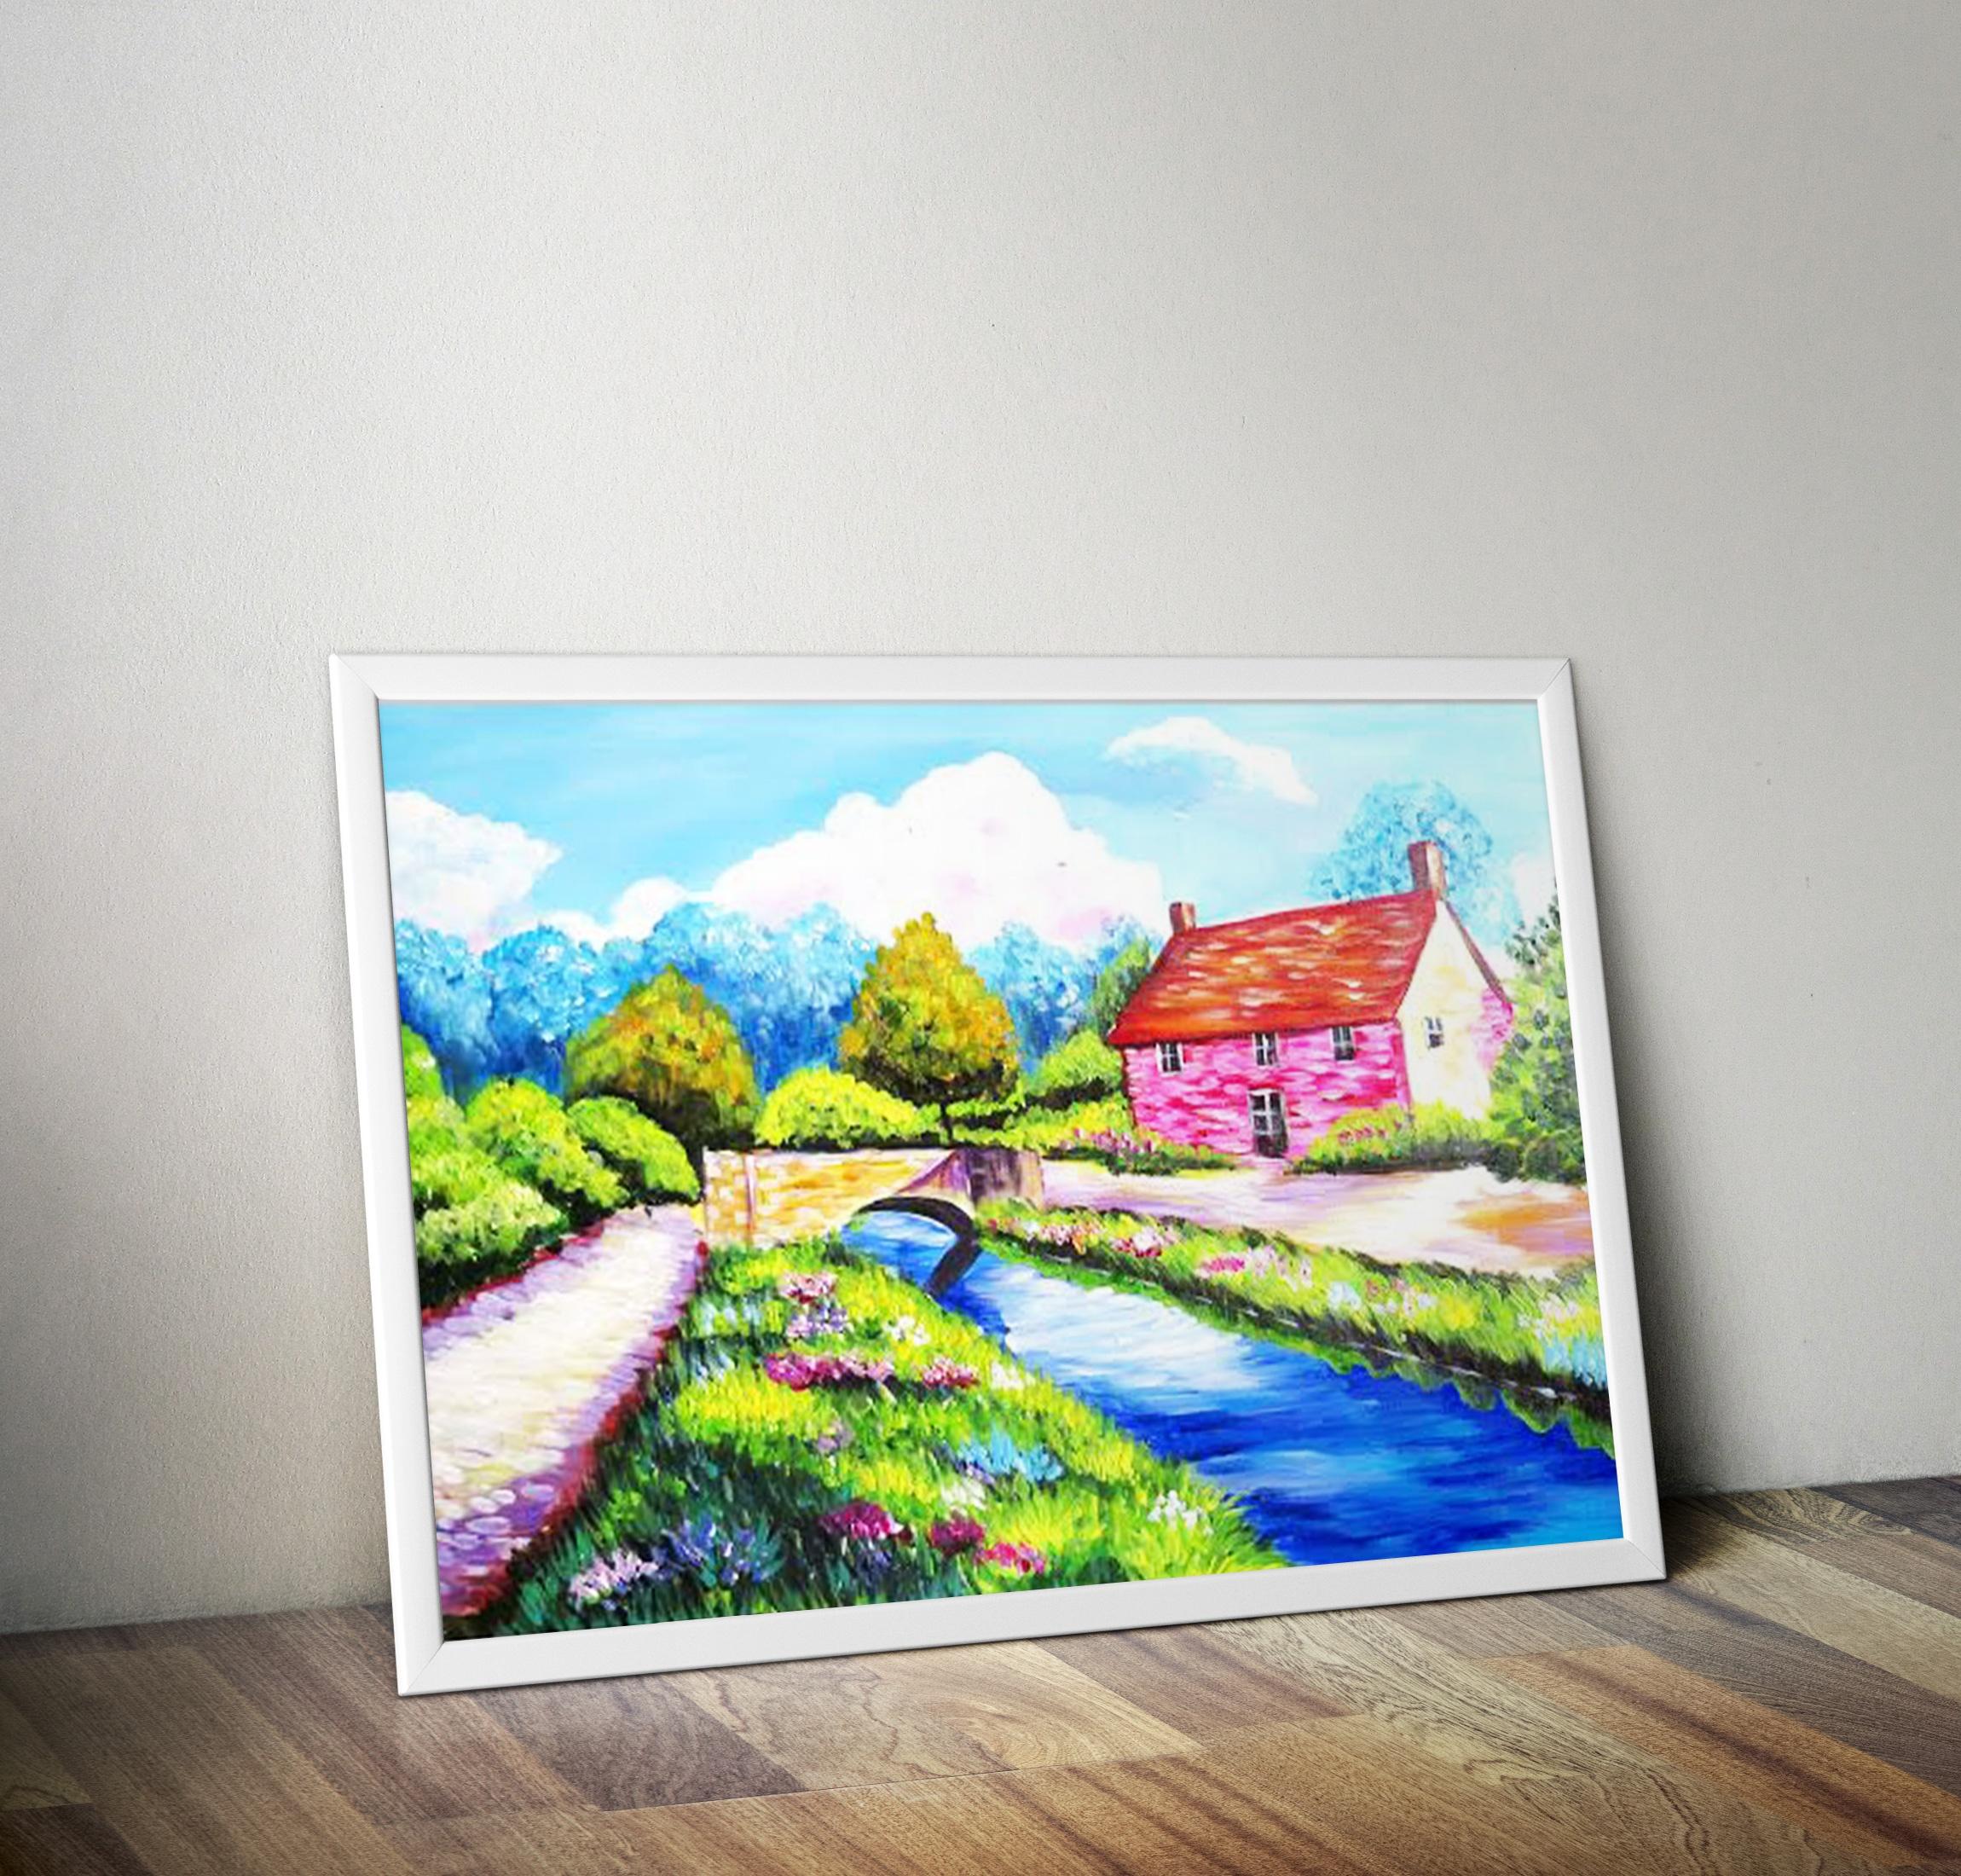 We paint - Peaceful - 23 Sep.jpg